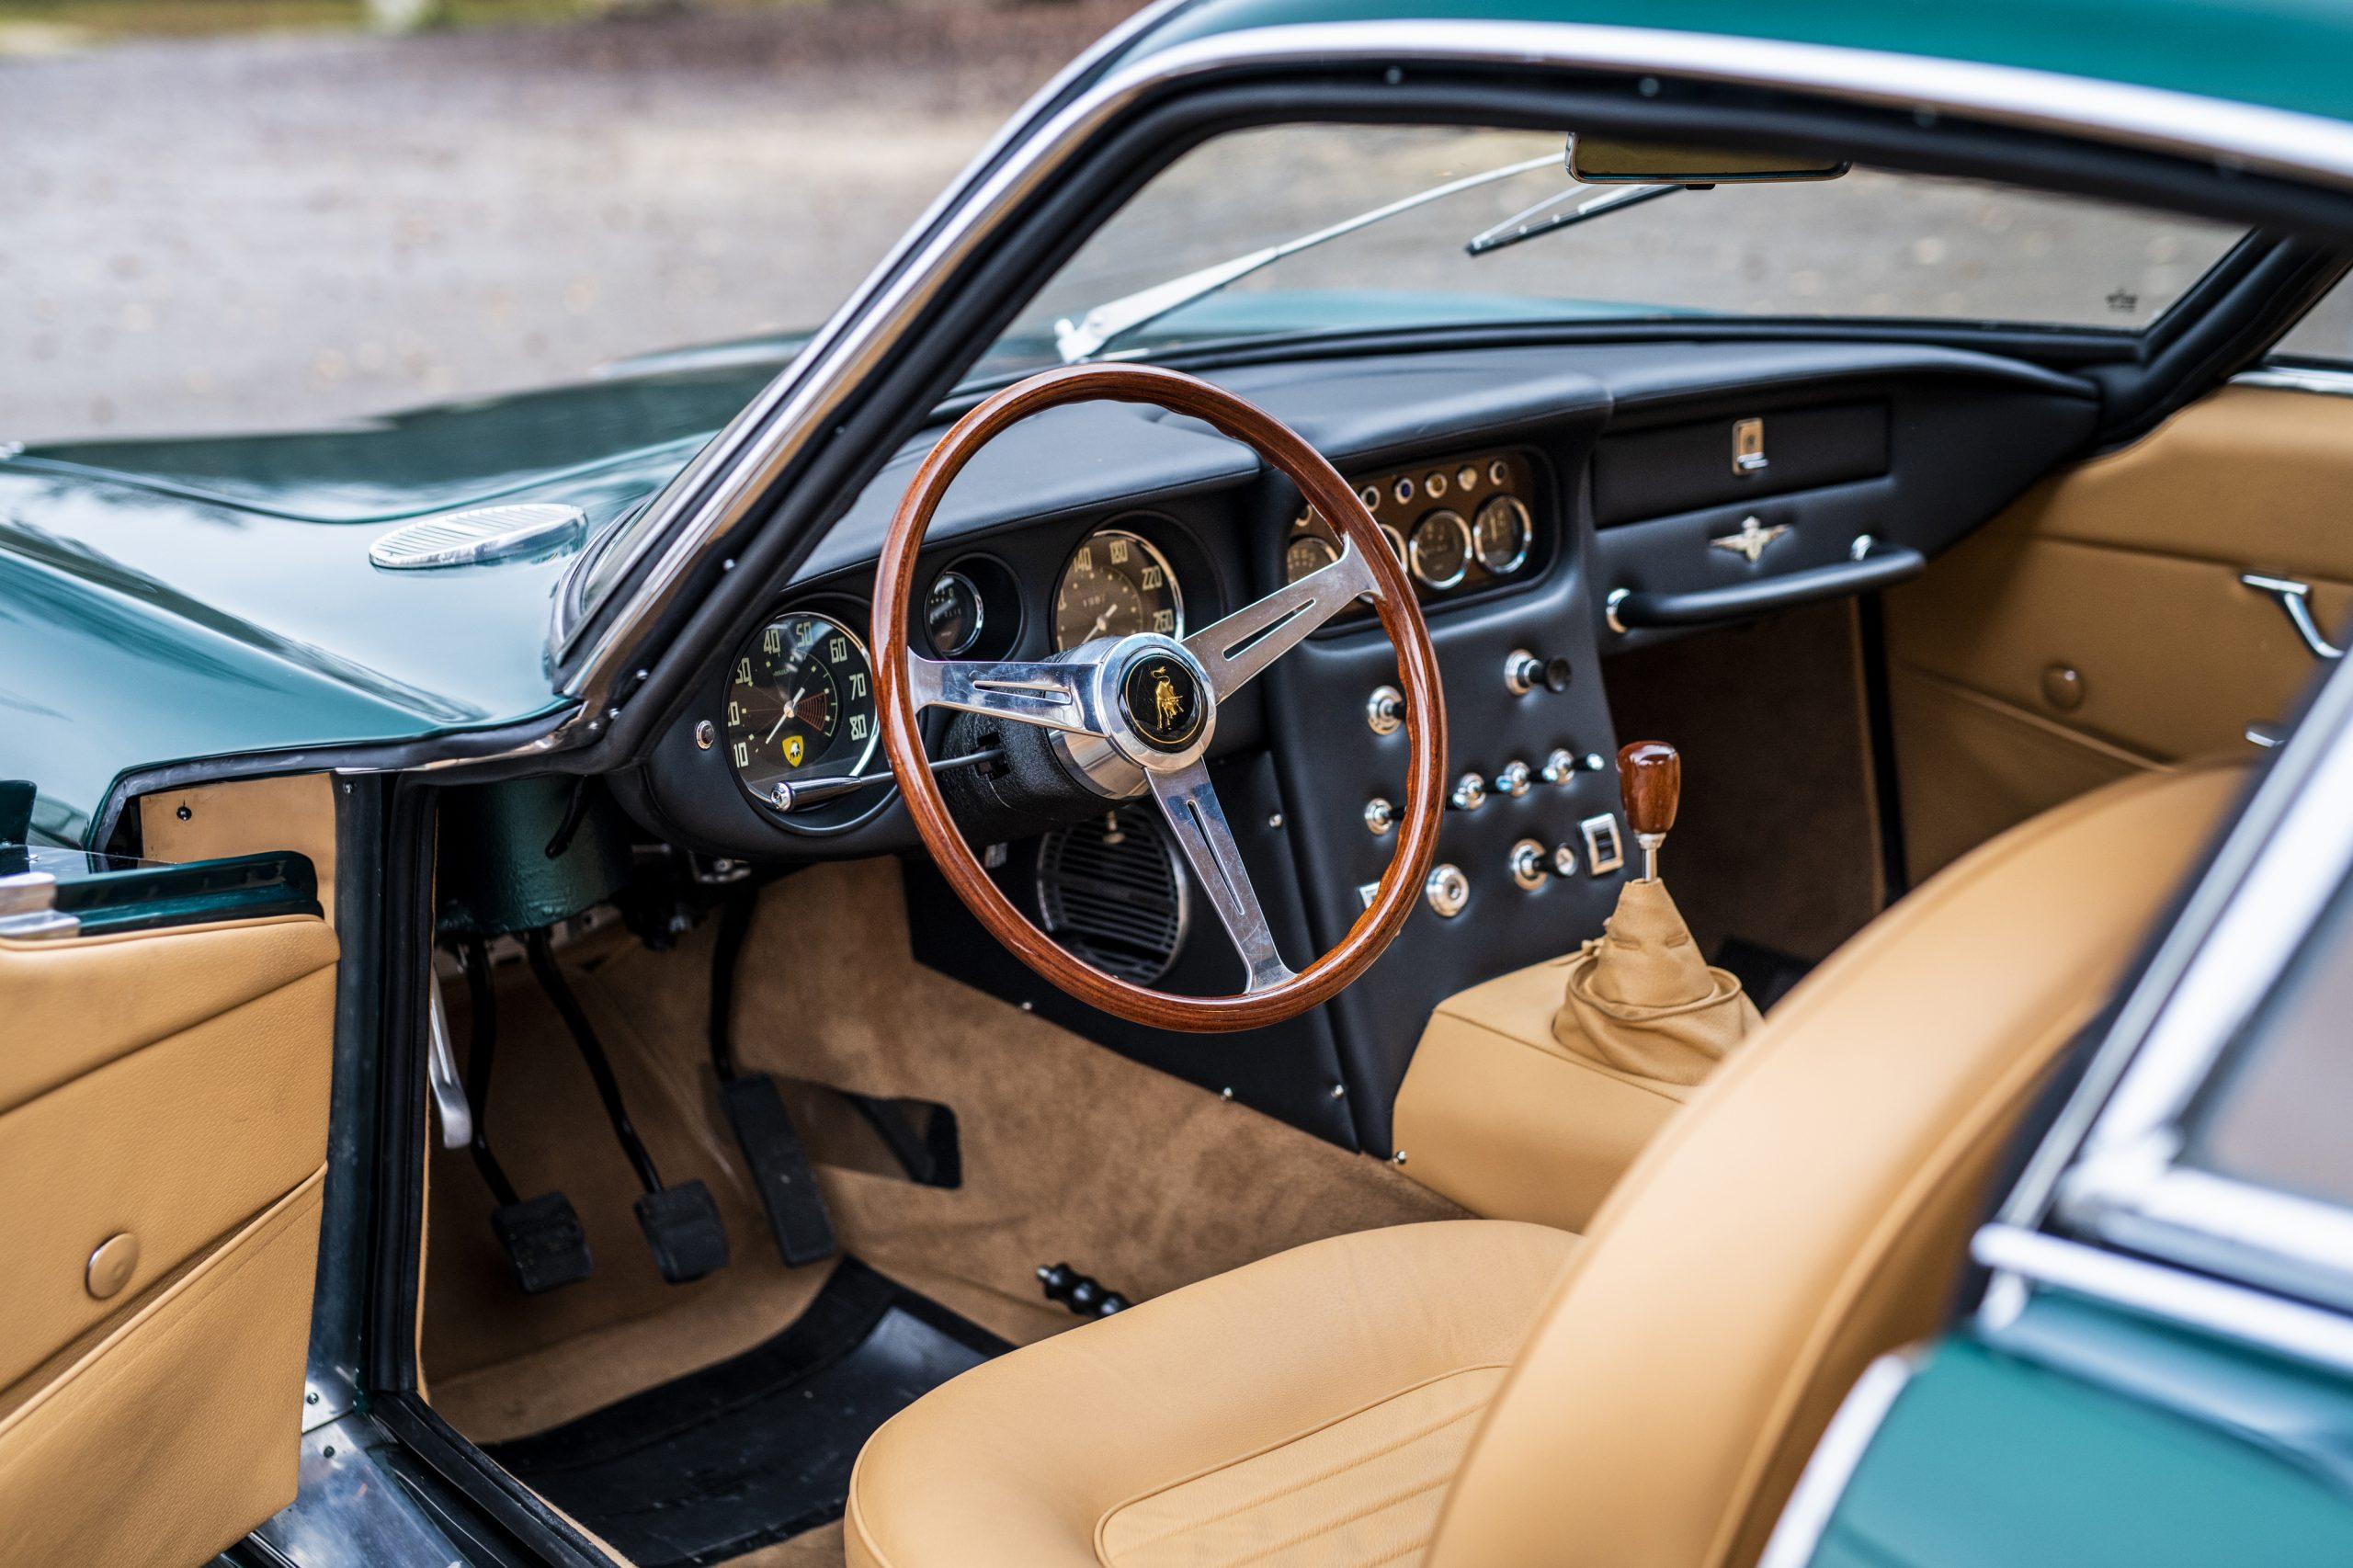 1967 Lamborghini 400 GT 2+2 interior